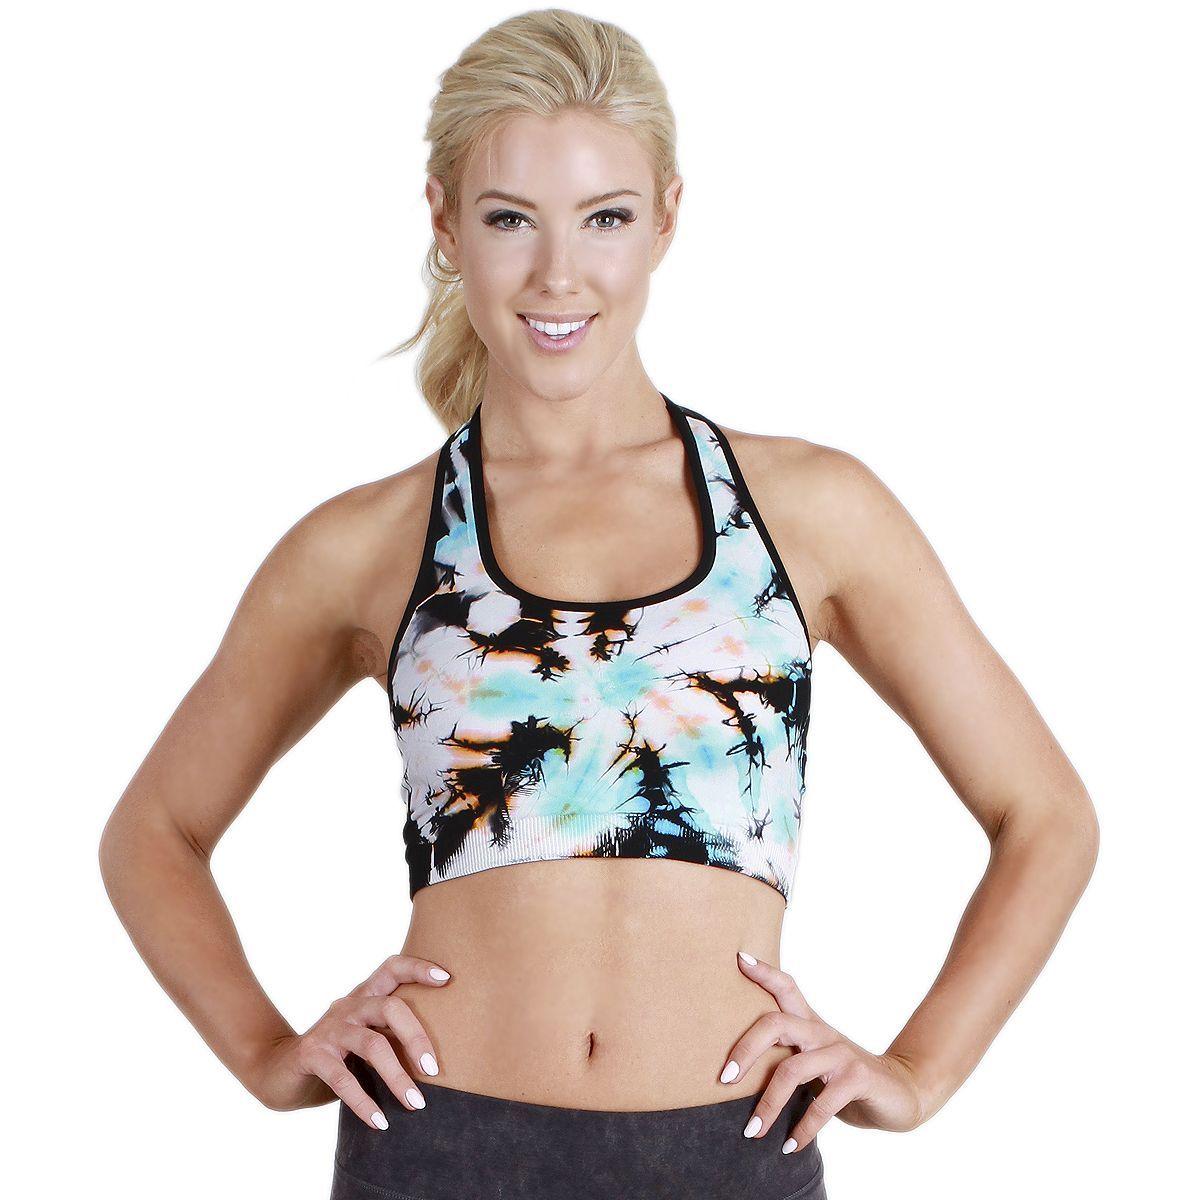 072f3250a0 Nikibiki Activewear Women s Twister Tie Dye Racerback Sports Bra Top ...